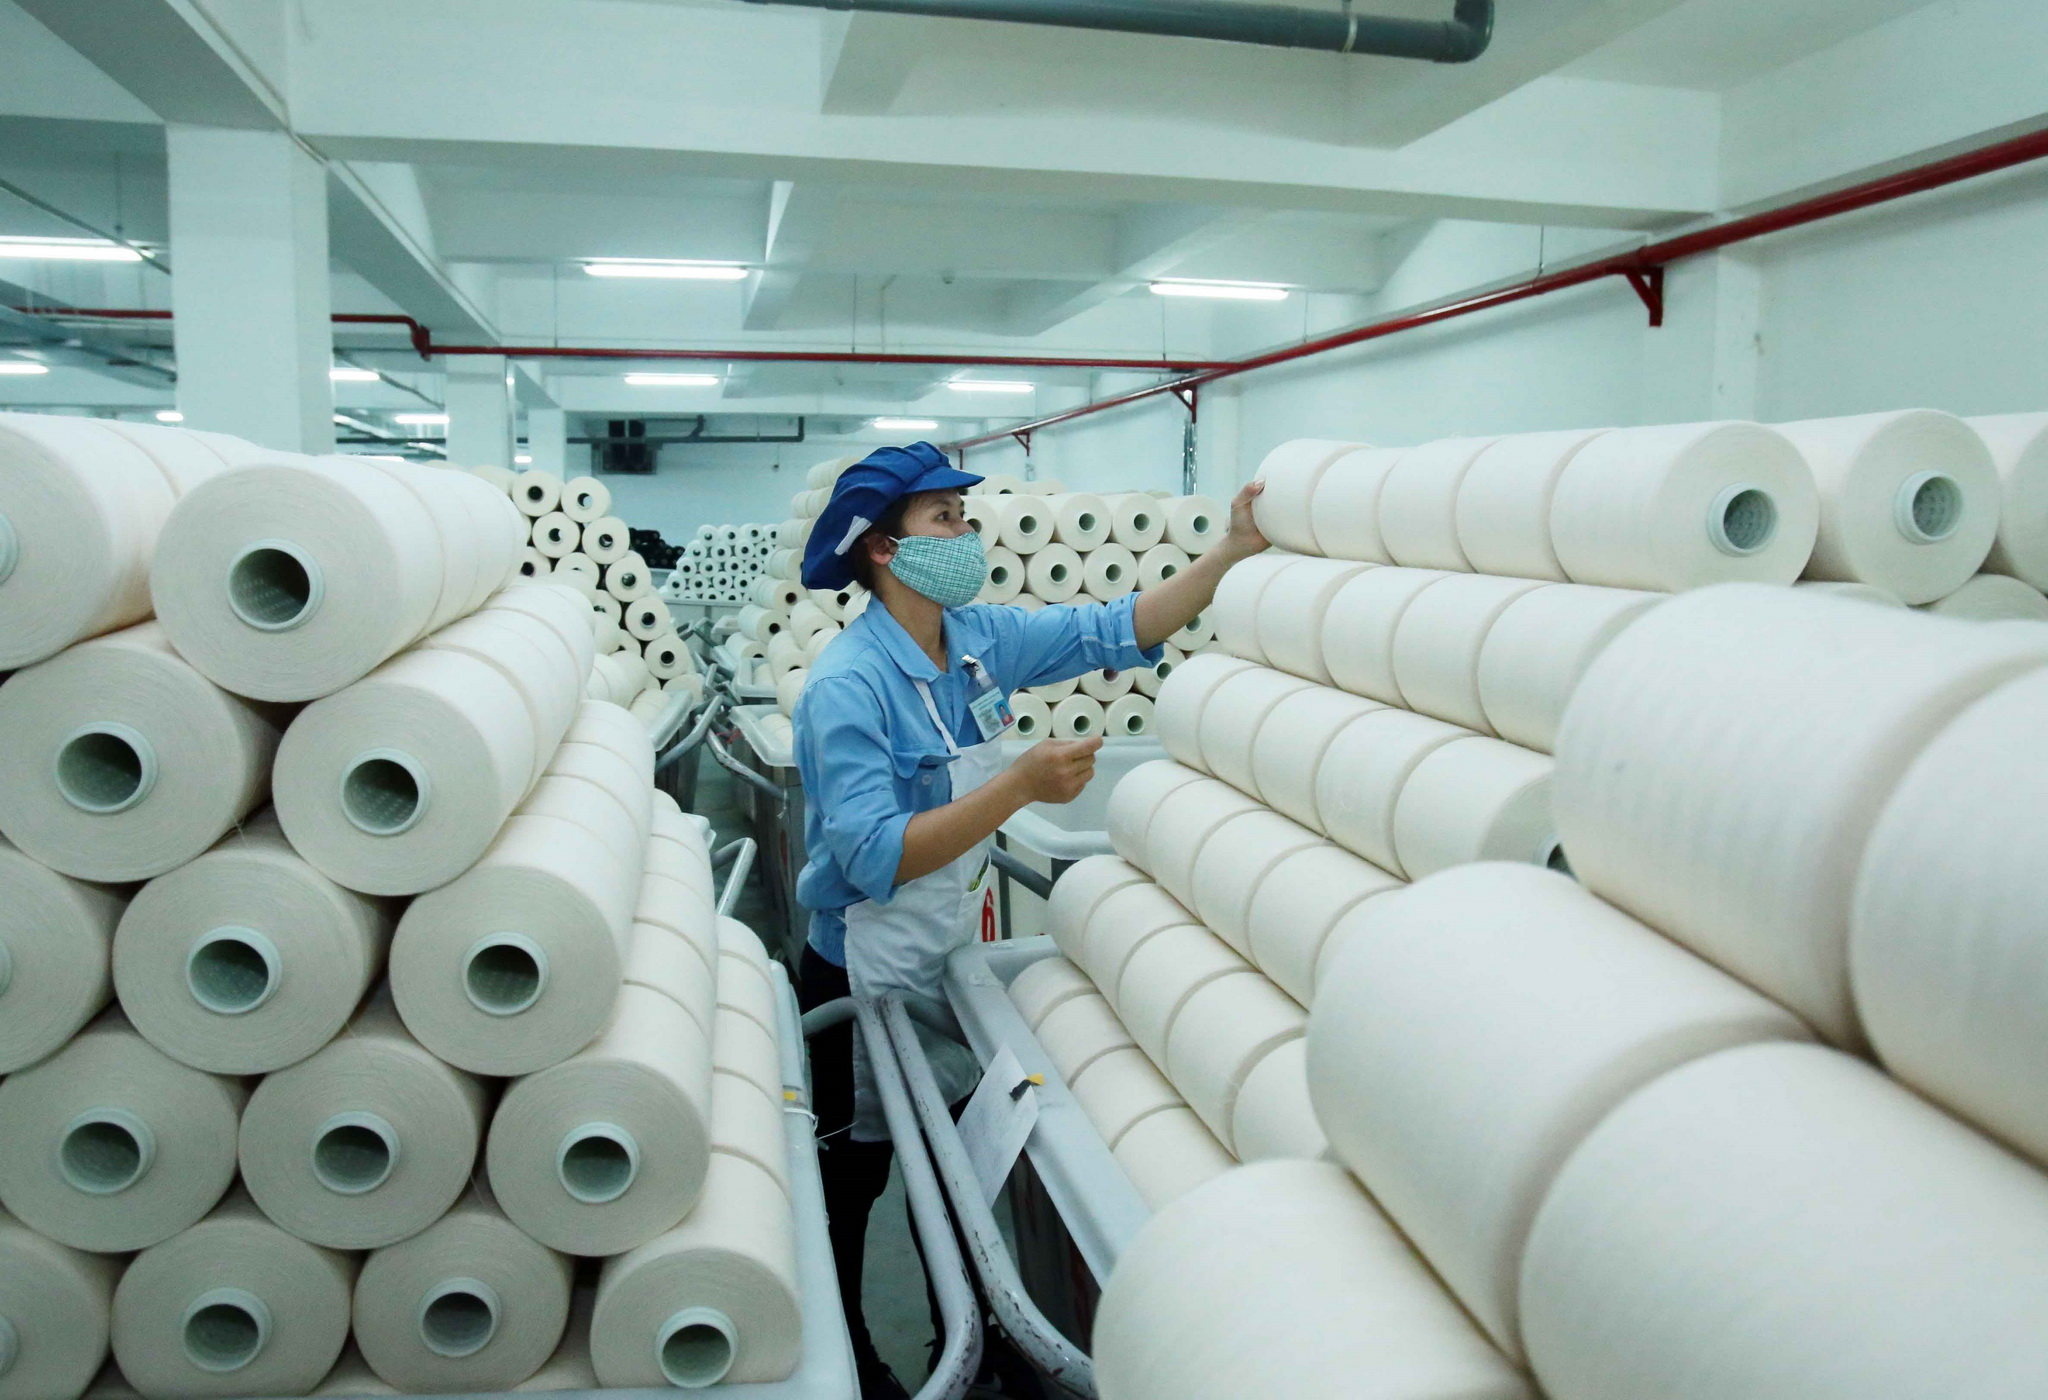 Công nhân sản xuất sản phẩm dệt nhuộm tại Công ty TNHH Dệt nhuộm Jasan Việt Nam (Khu Công nghiệp Phố nối B, Yên Mỹ, Hưng Yên). (Ảnh: Phạm Kiên/TTXVN)